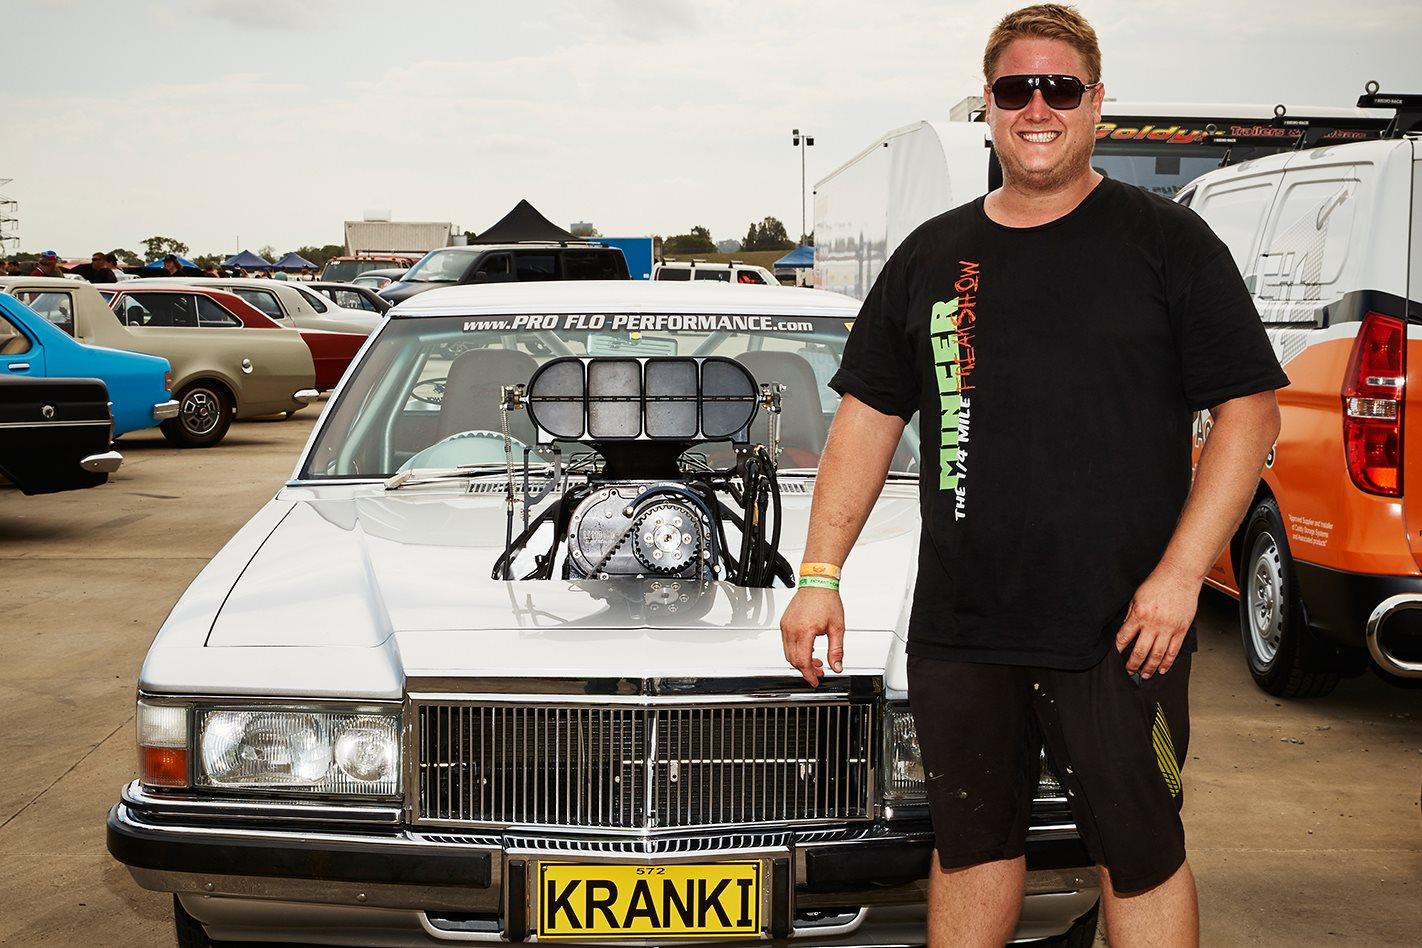 Daniel Souvleris's Holden HJ ute KRANKI